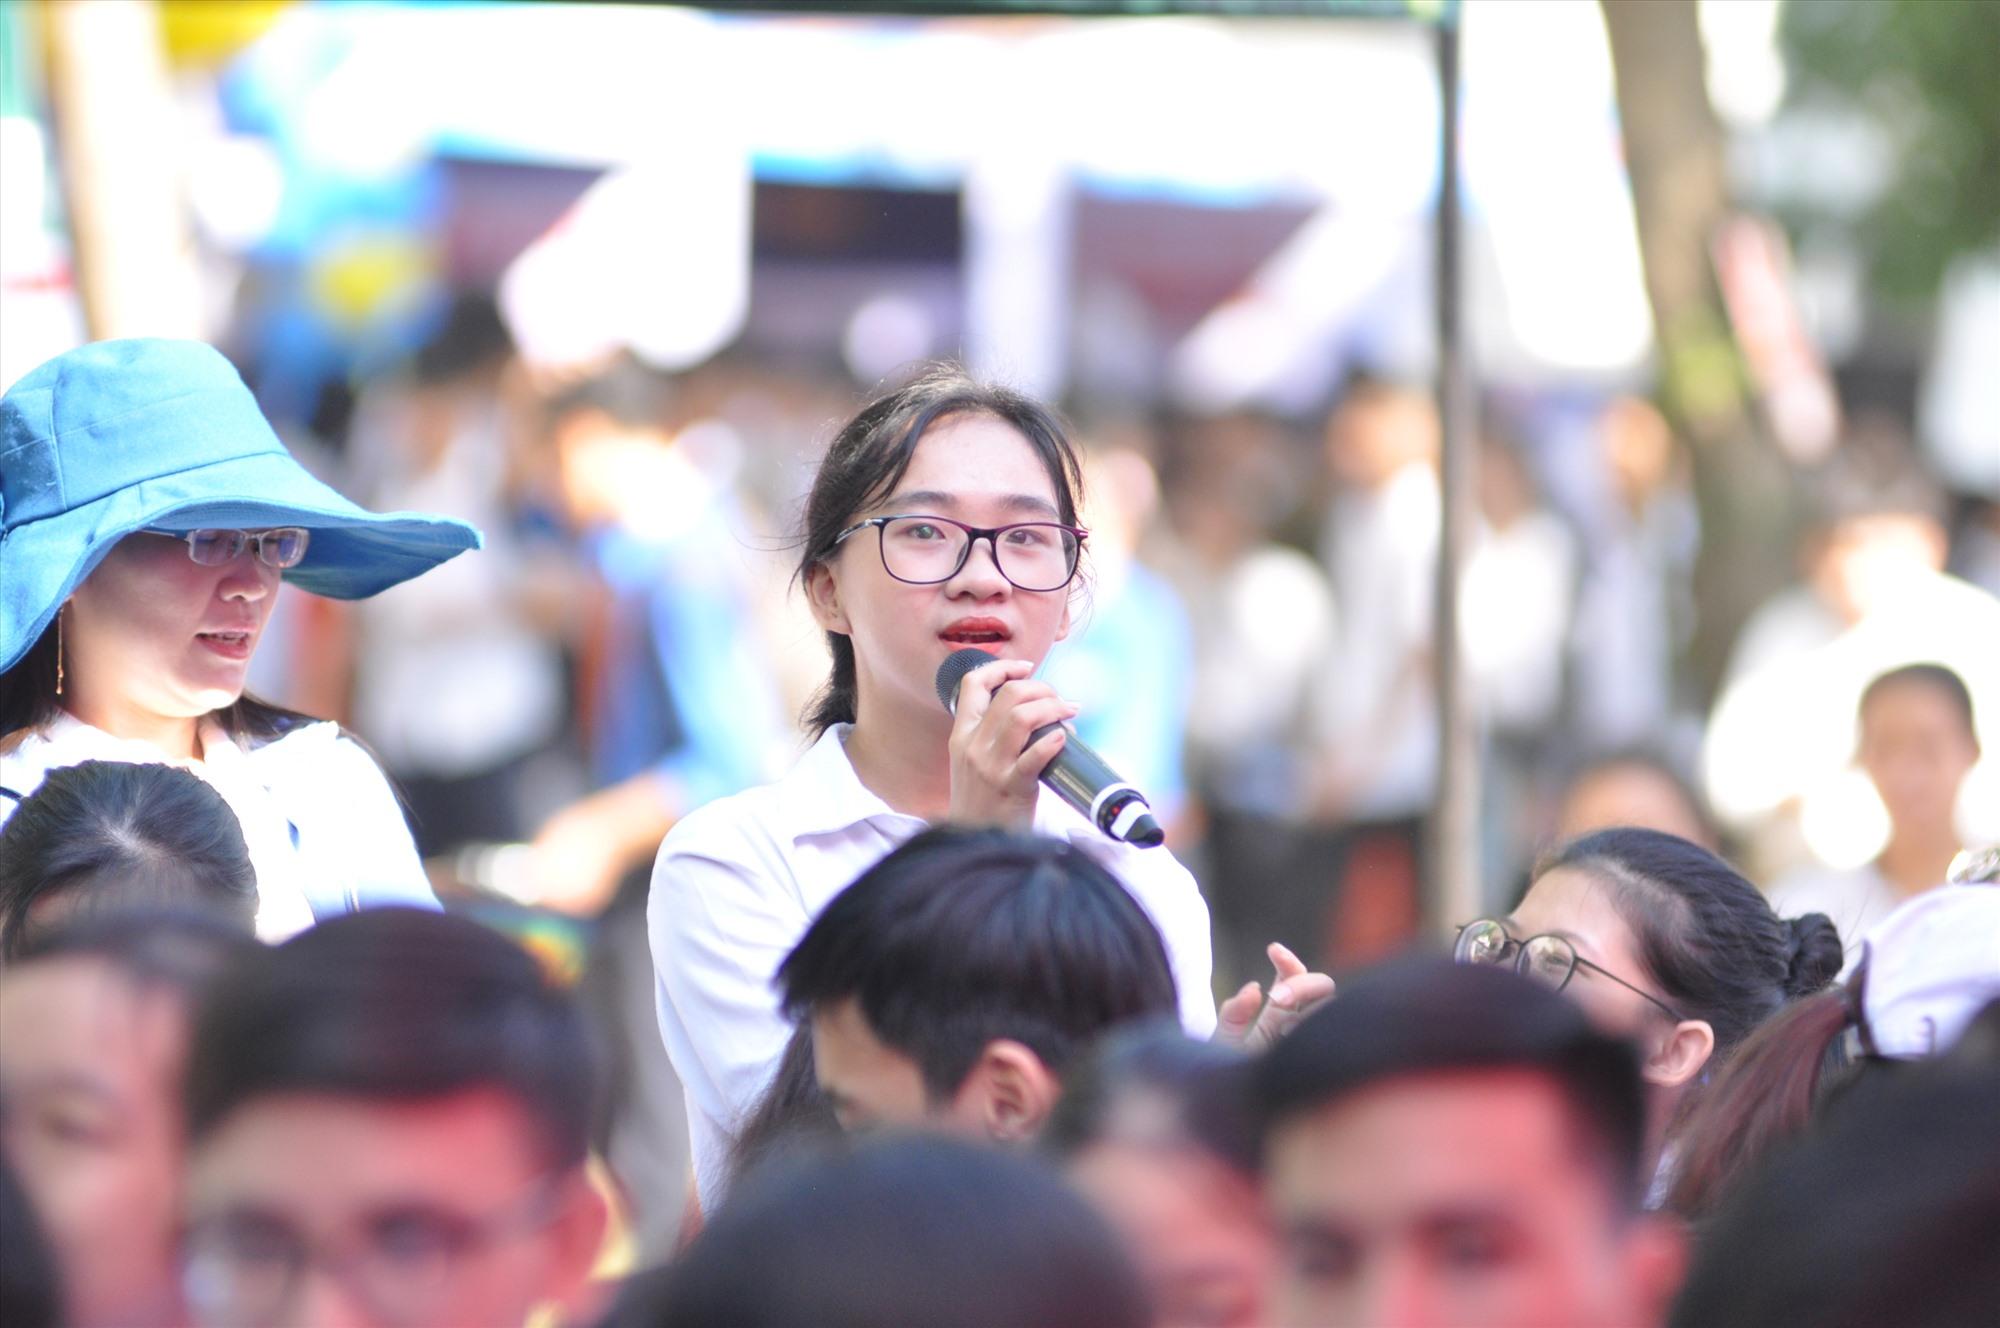 Một HS Trường THPT chuyên Nguyễn Bỉnh Khiêm đặt câu hỏi về tuyển sinh đại học. Ảnh: X.P